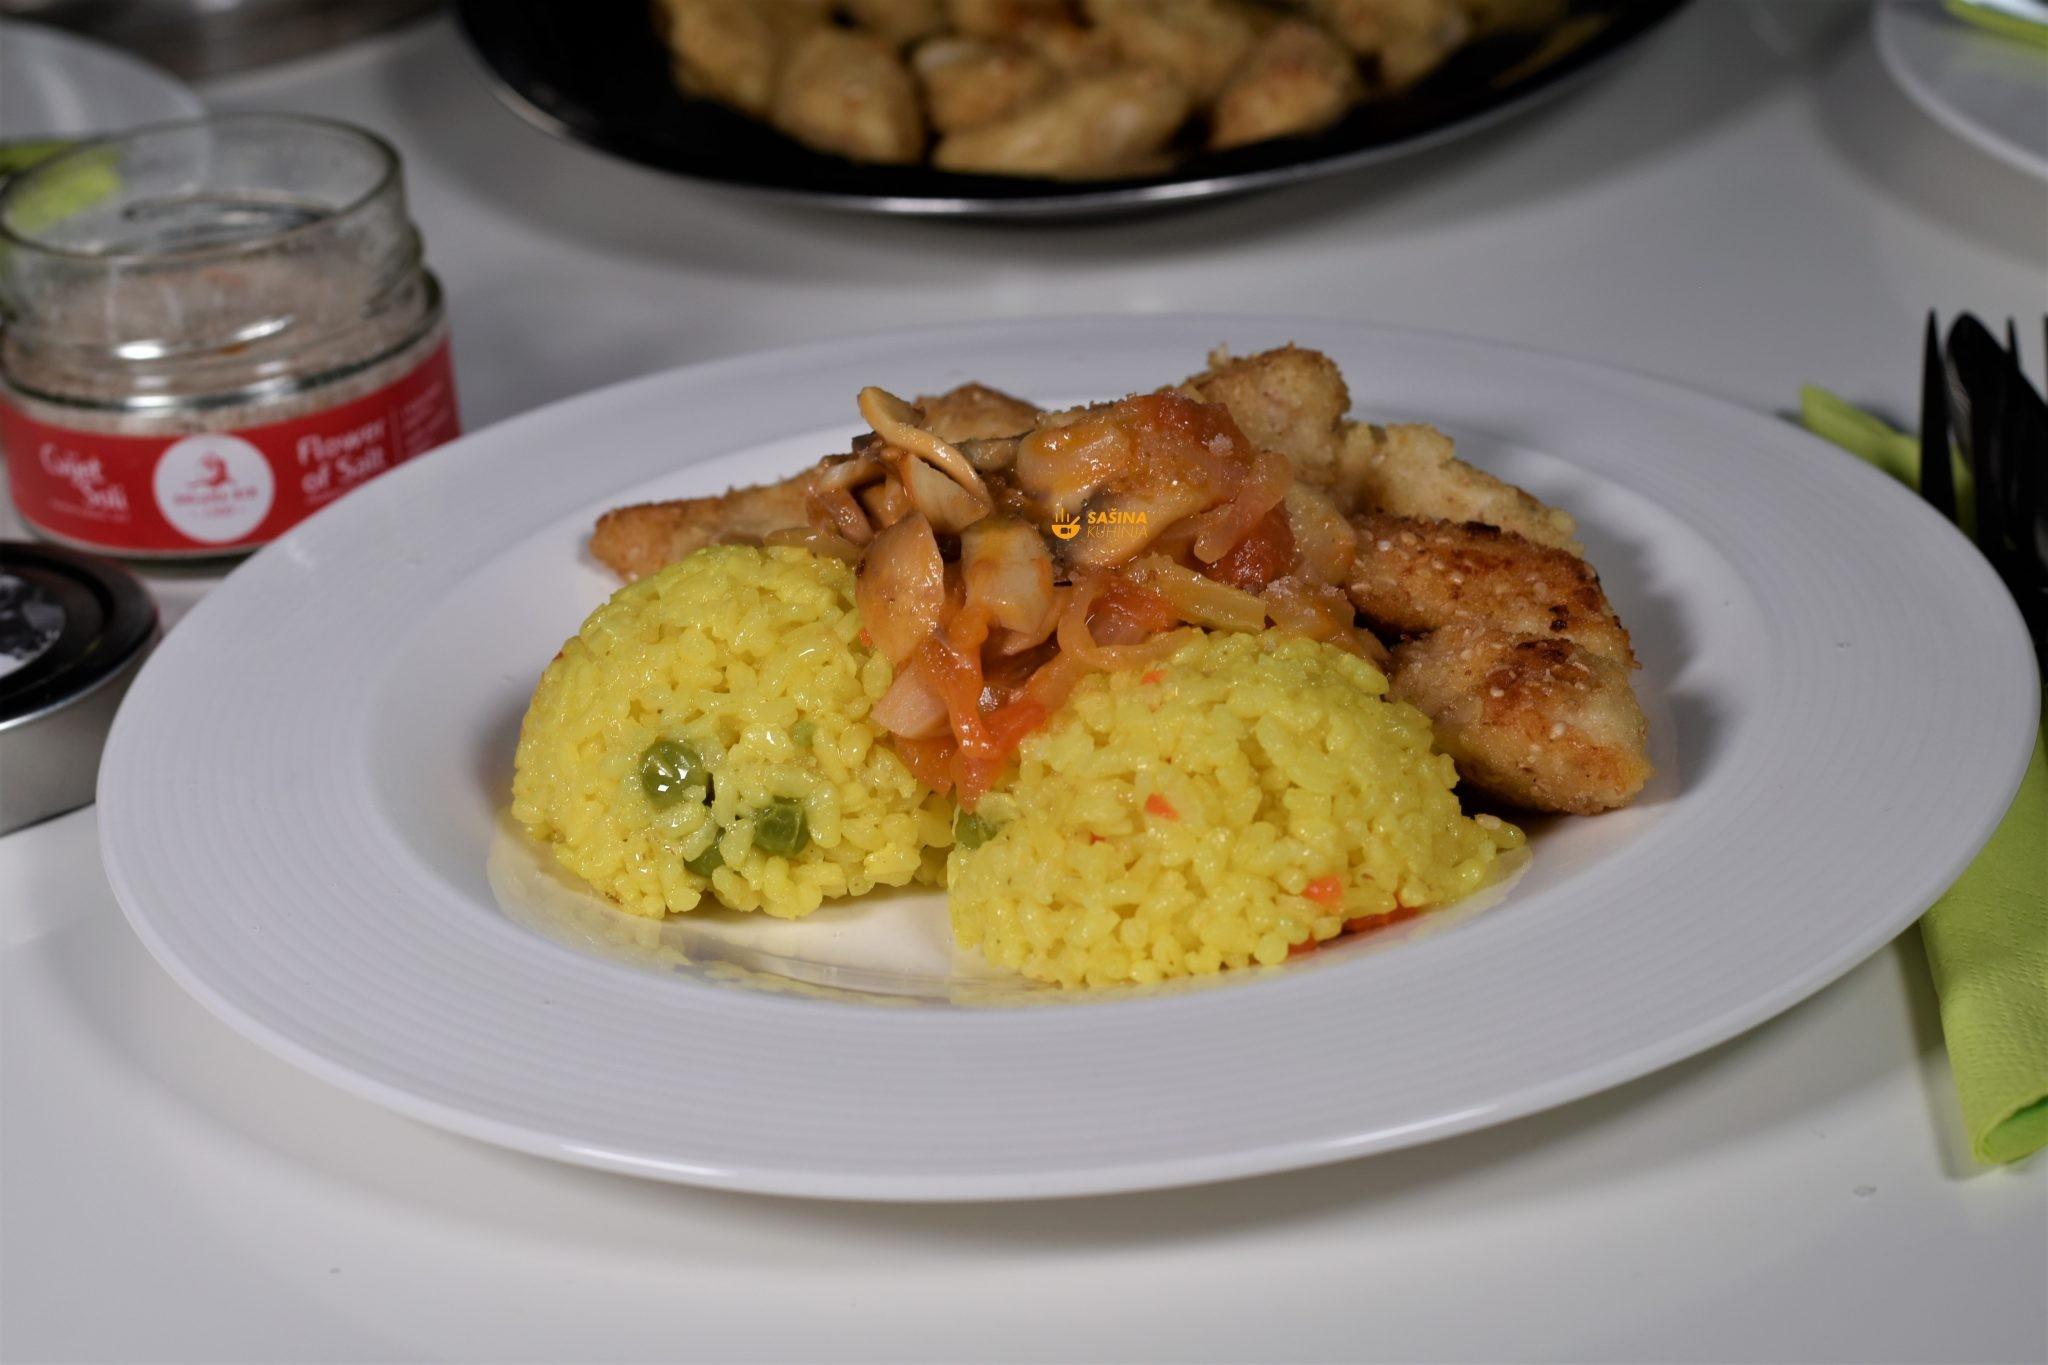 pohana piletina iz pećnice riža kurkuma povrće